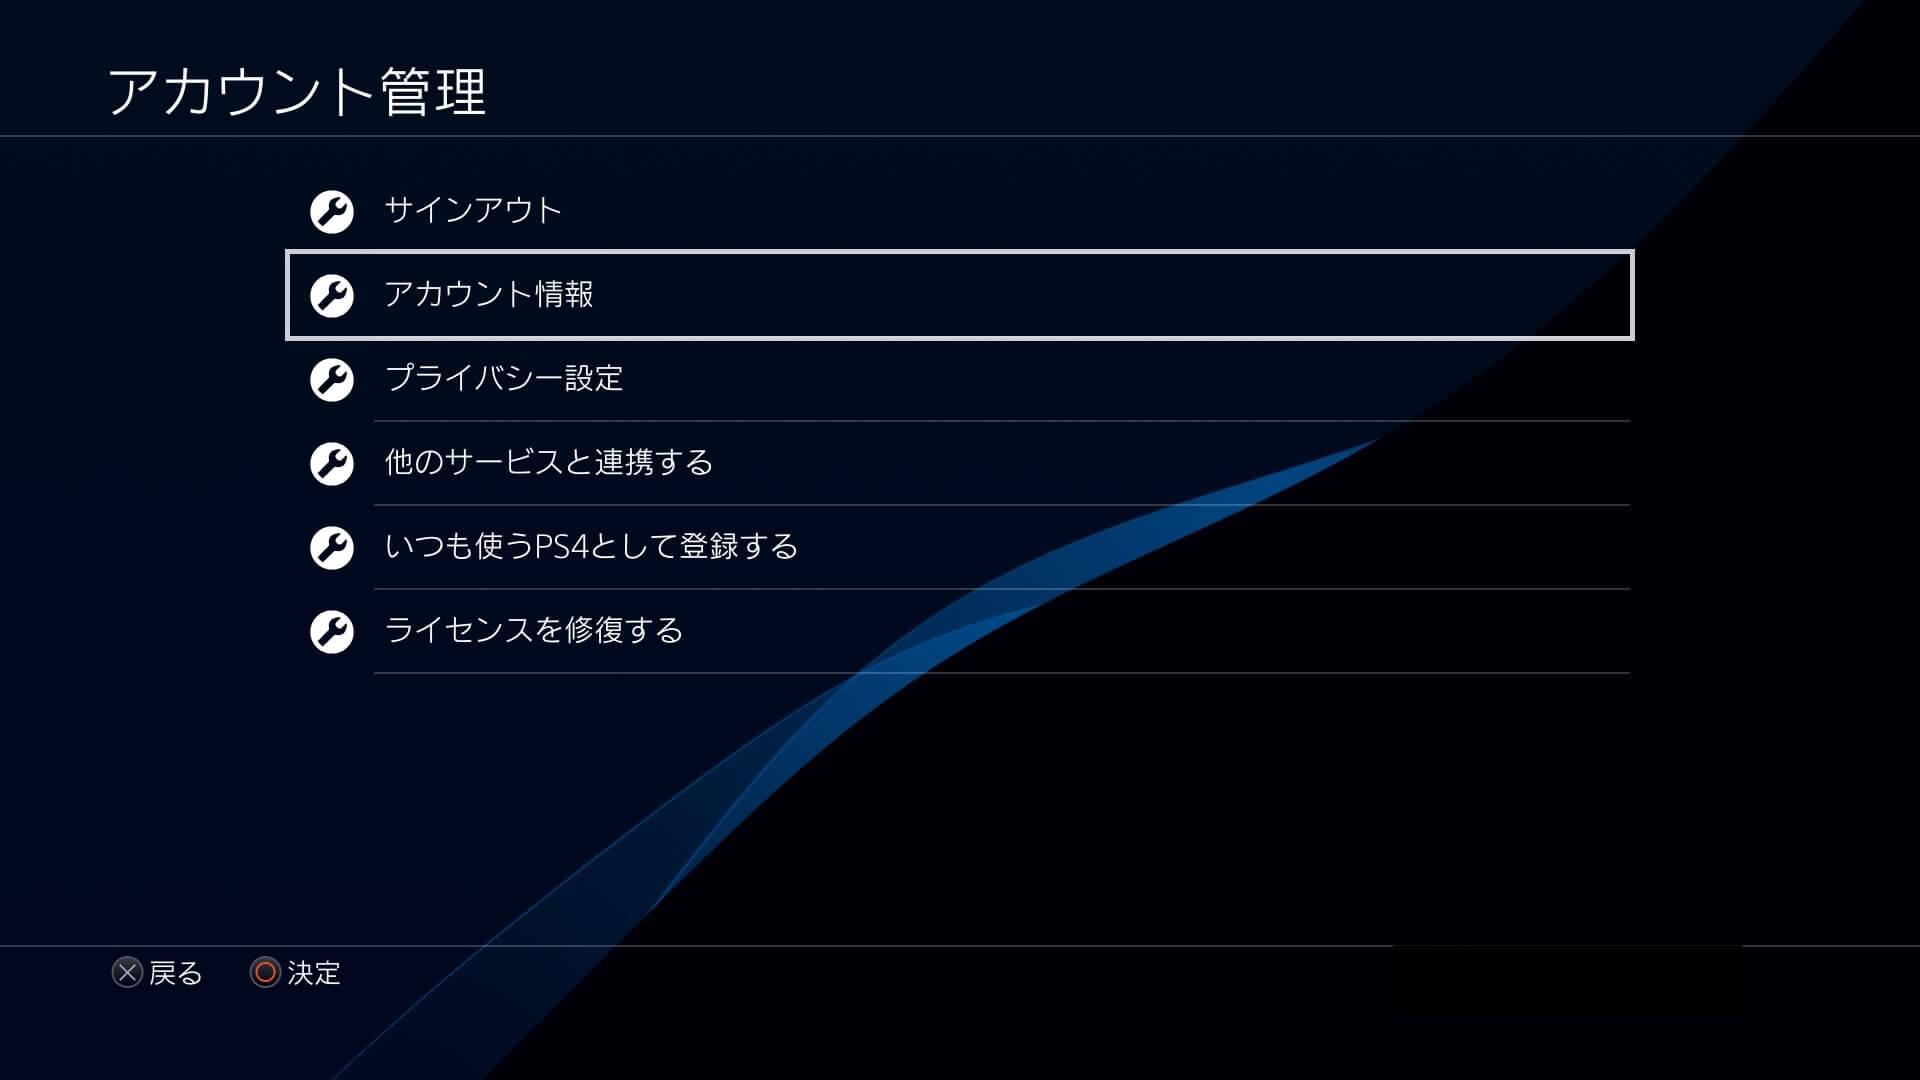 PS4でPSNにサインインする手順